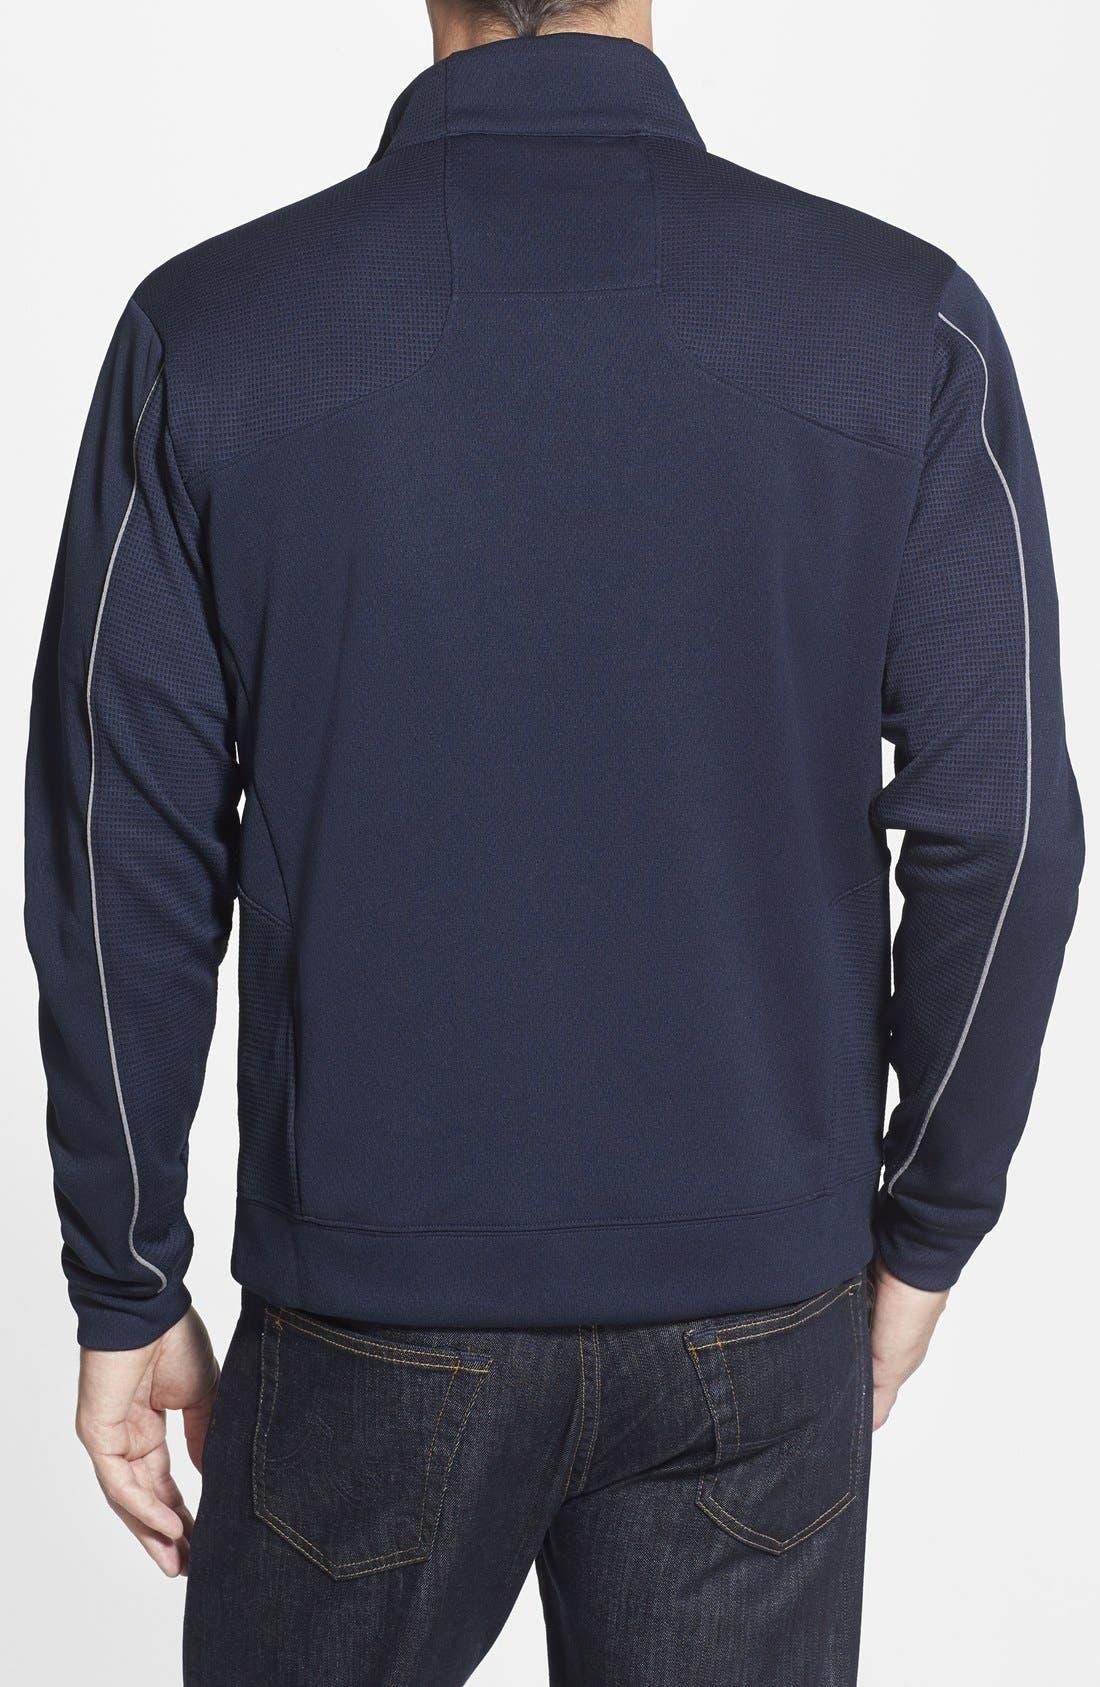 Denver Broncos - Edge DryTec Moisture Wicking Half Zip Pullover,                             Alternate thumbnail 3, color,                             420